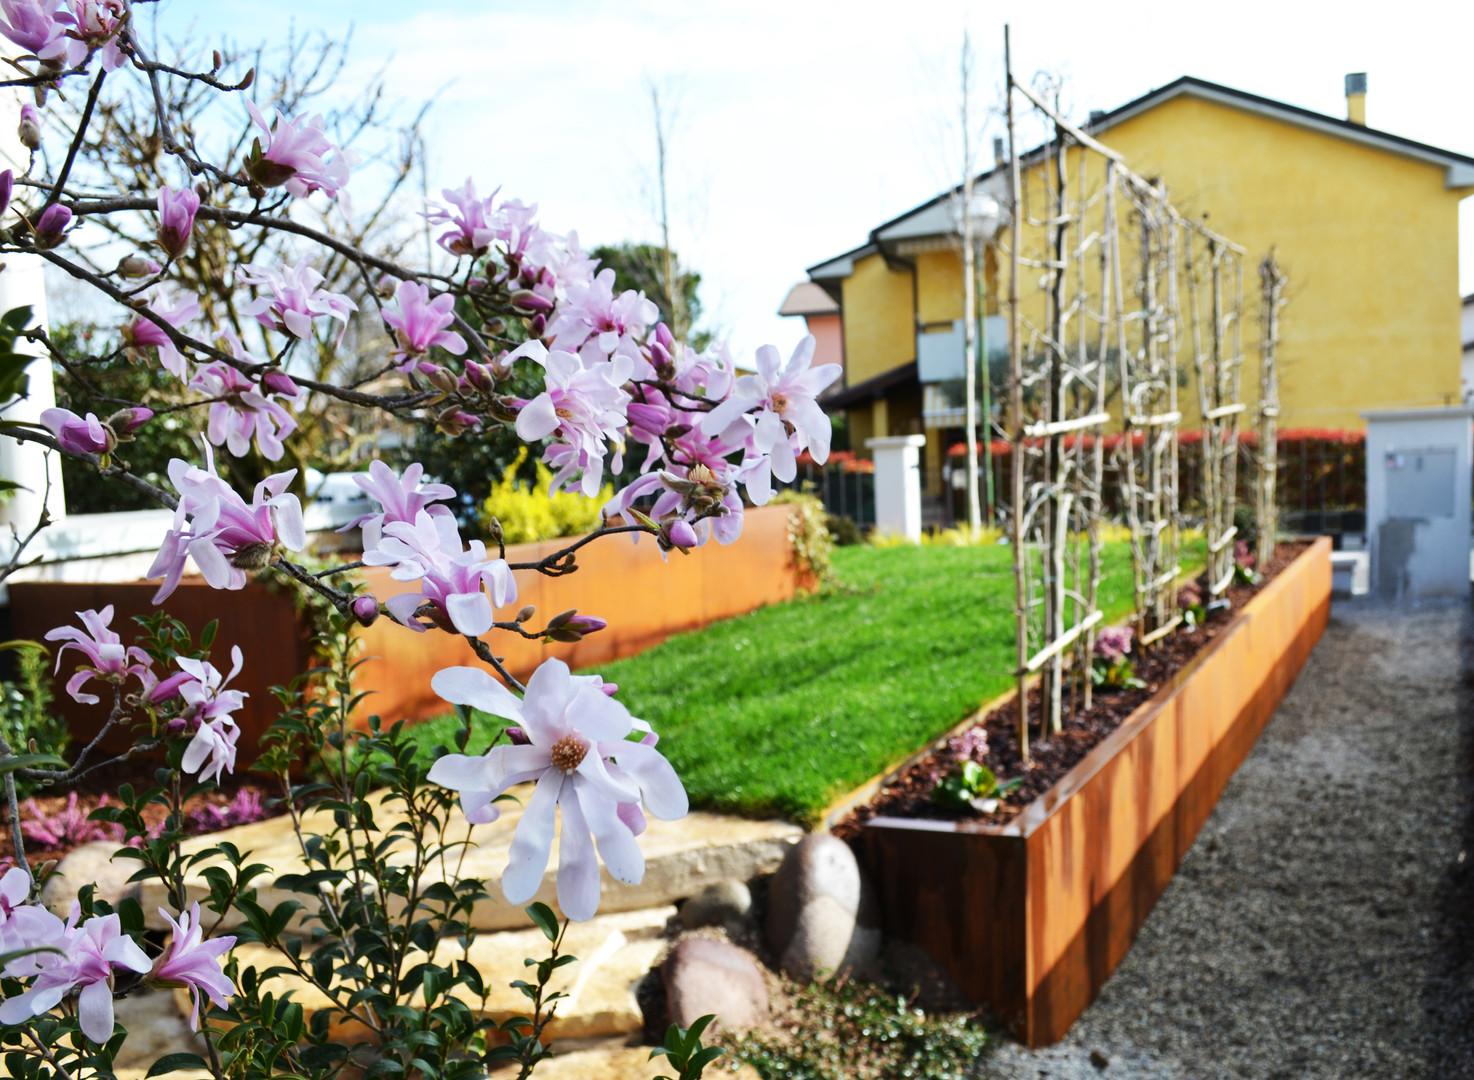 Giardino privato a Valeggio sul Mincio, VR